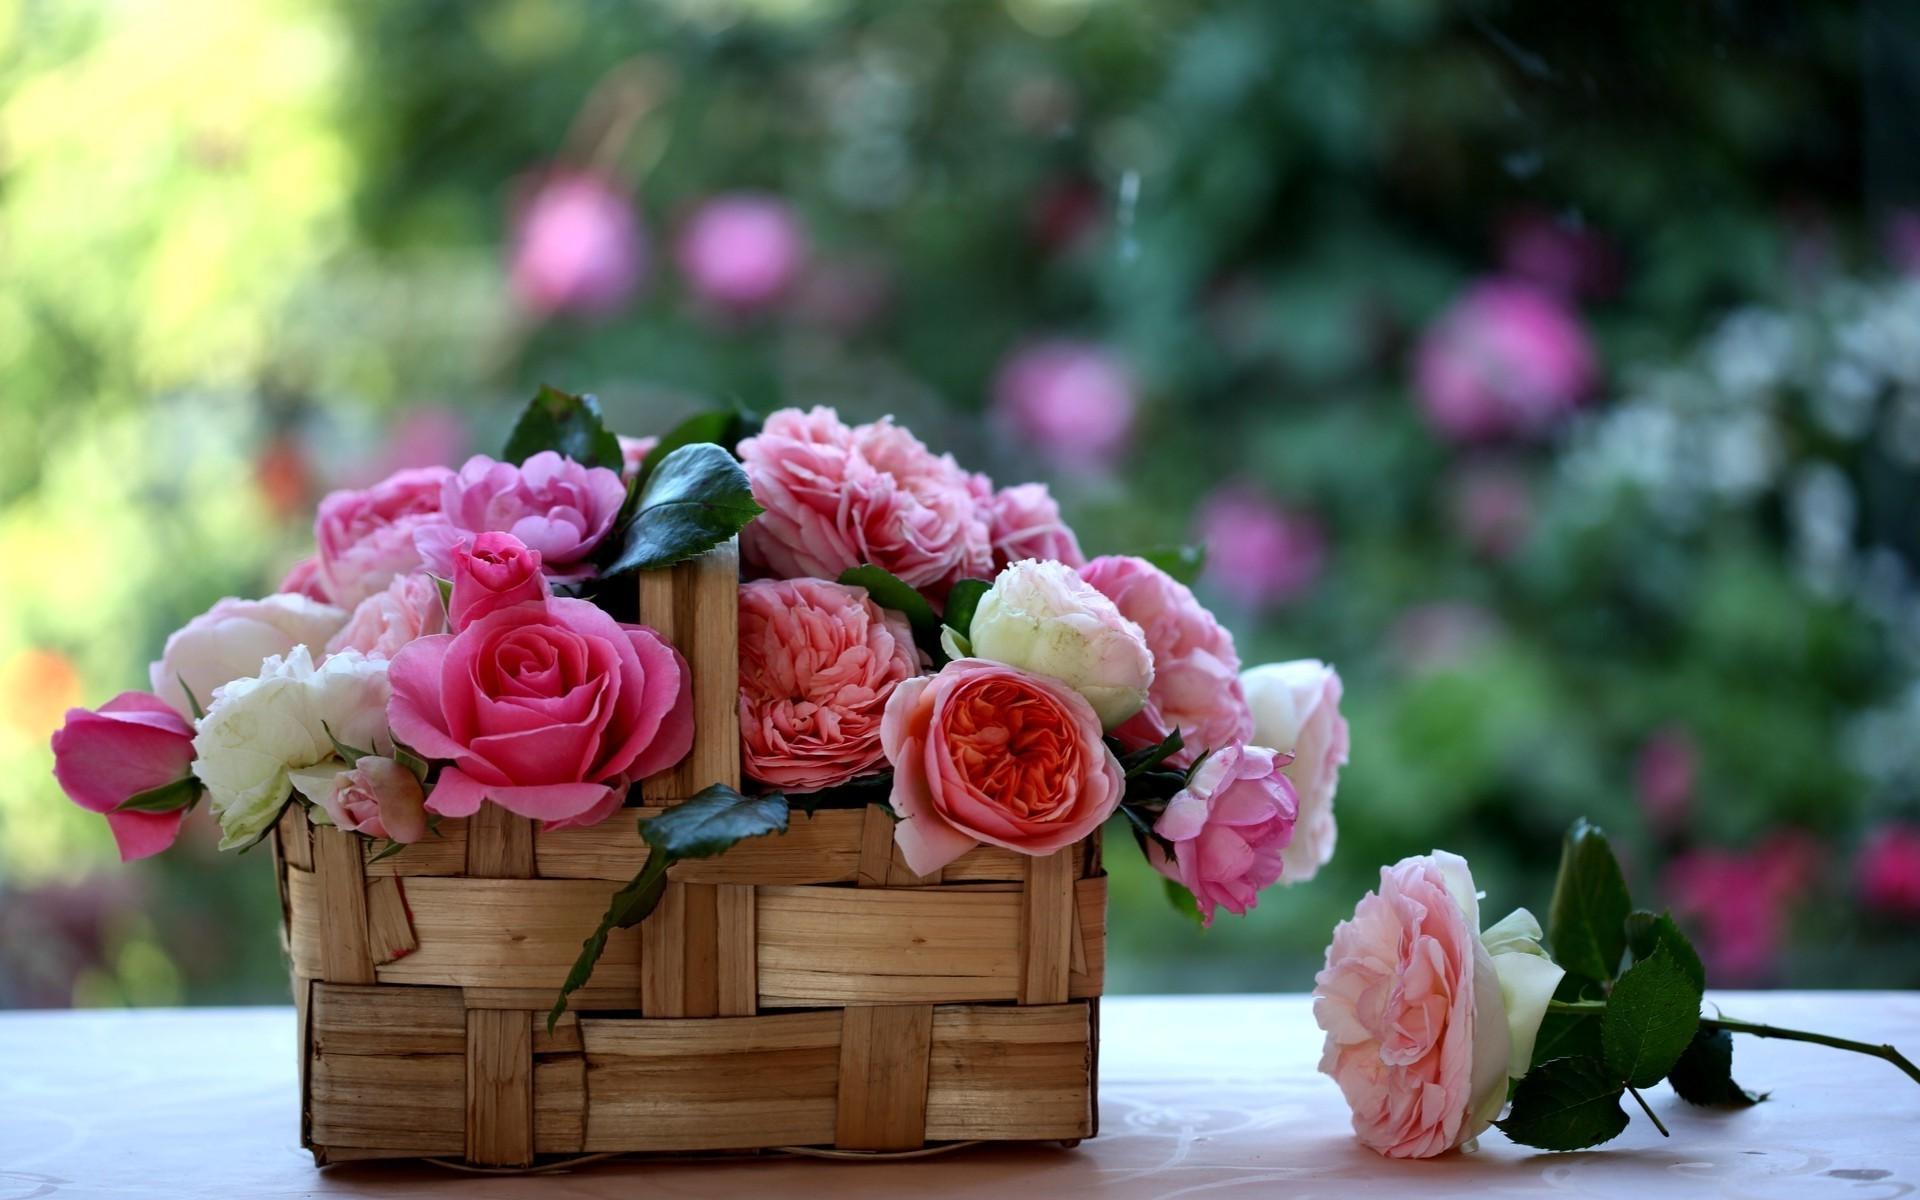 розовые цветы букет природа бесплатно